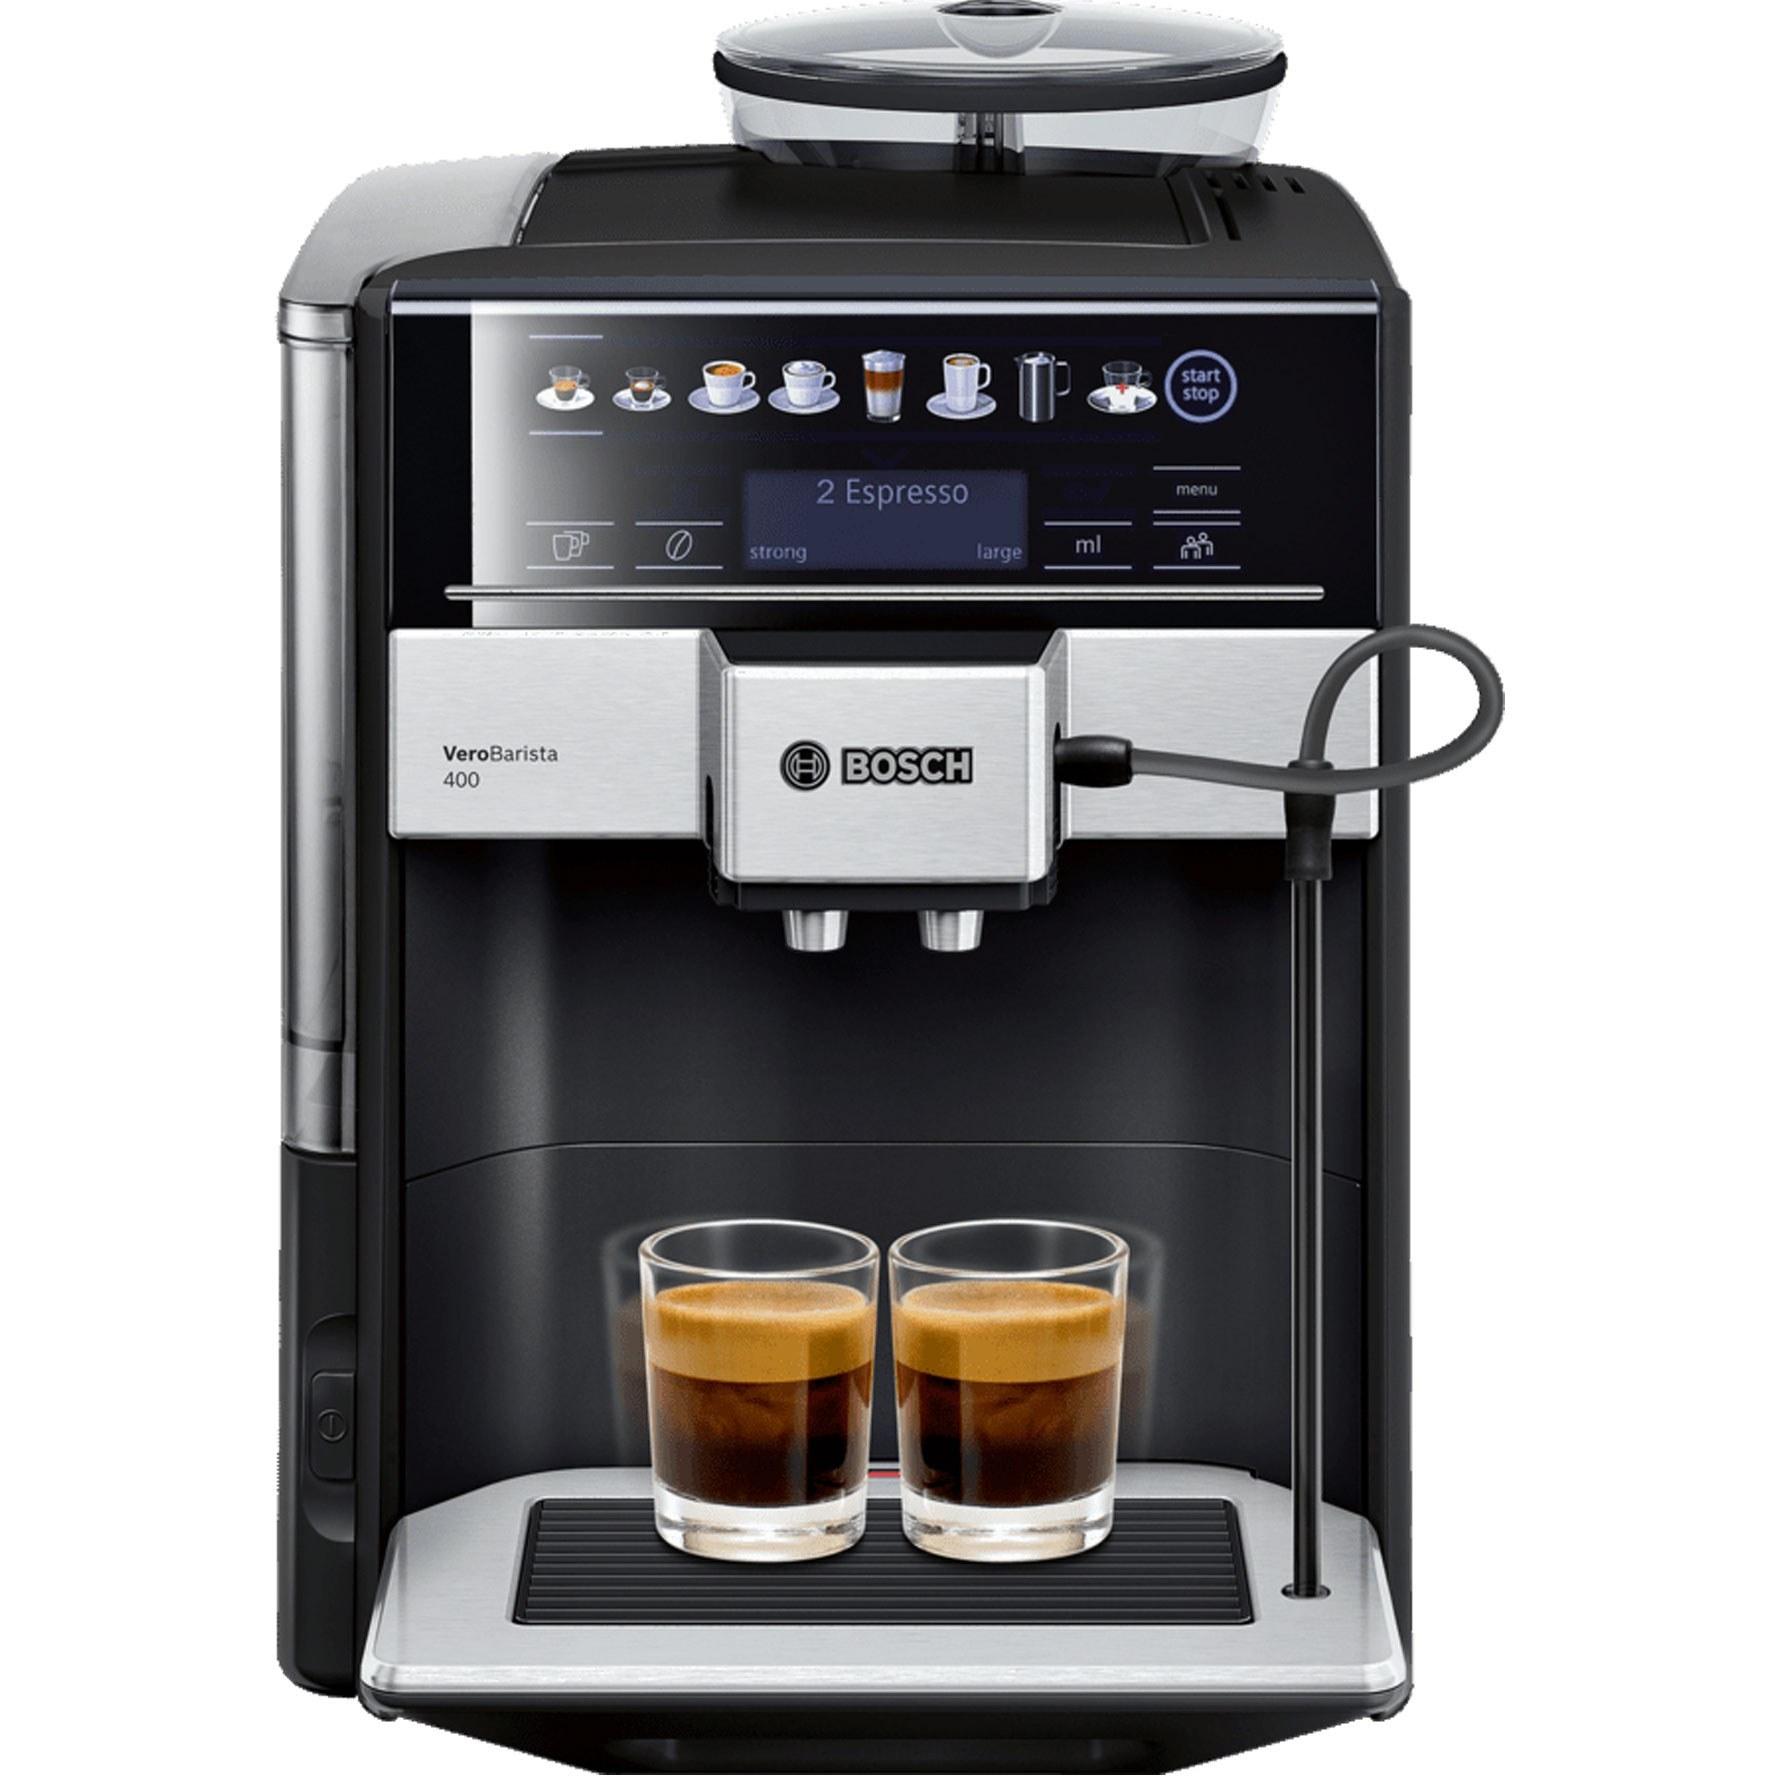 تصویر اسپرسو ساز بوش مدل TIS65429RW با توان ۱۵۰۰ Bosch espresso machine TIS65429RW with a capacity of 1500